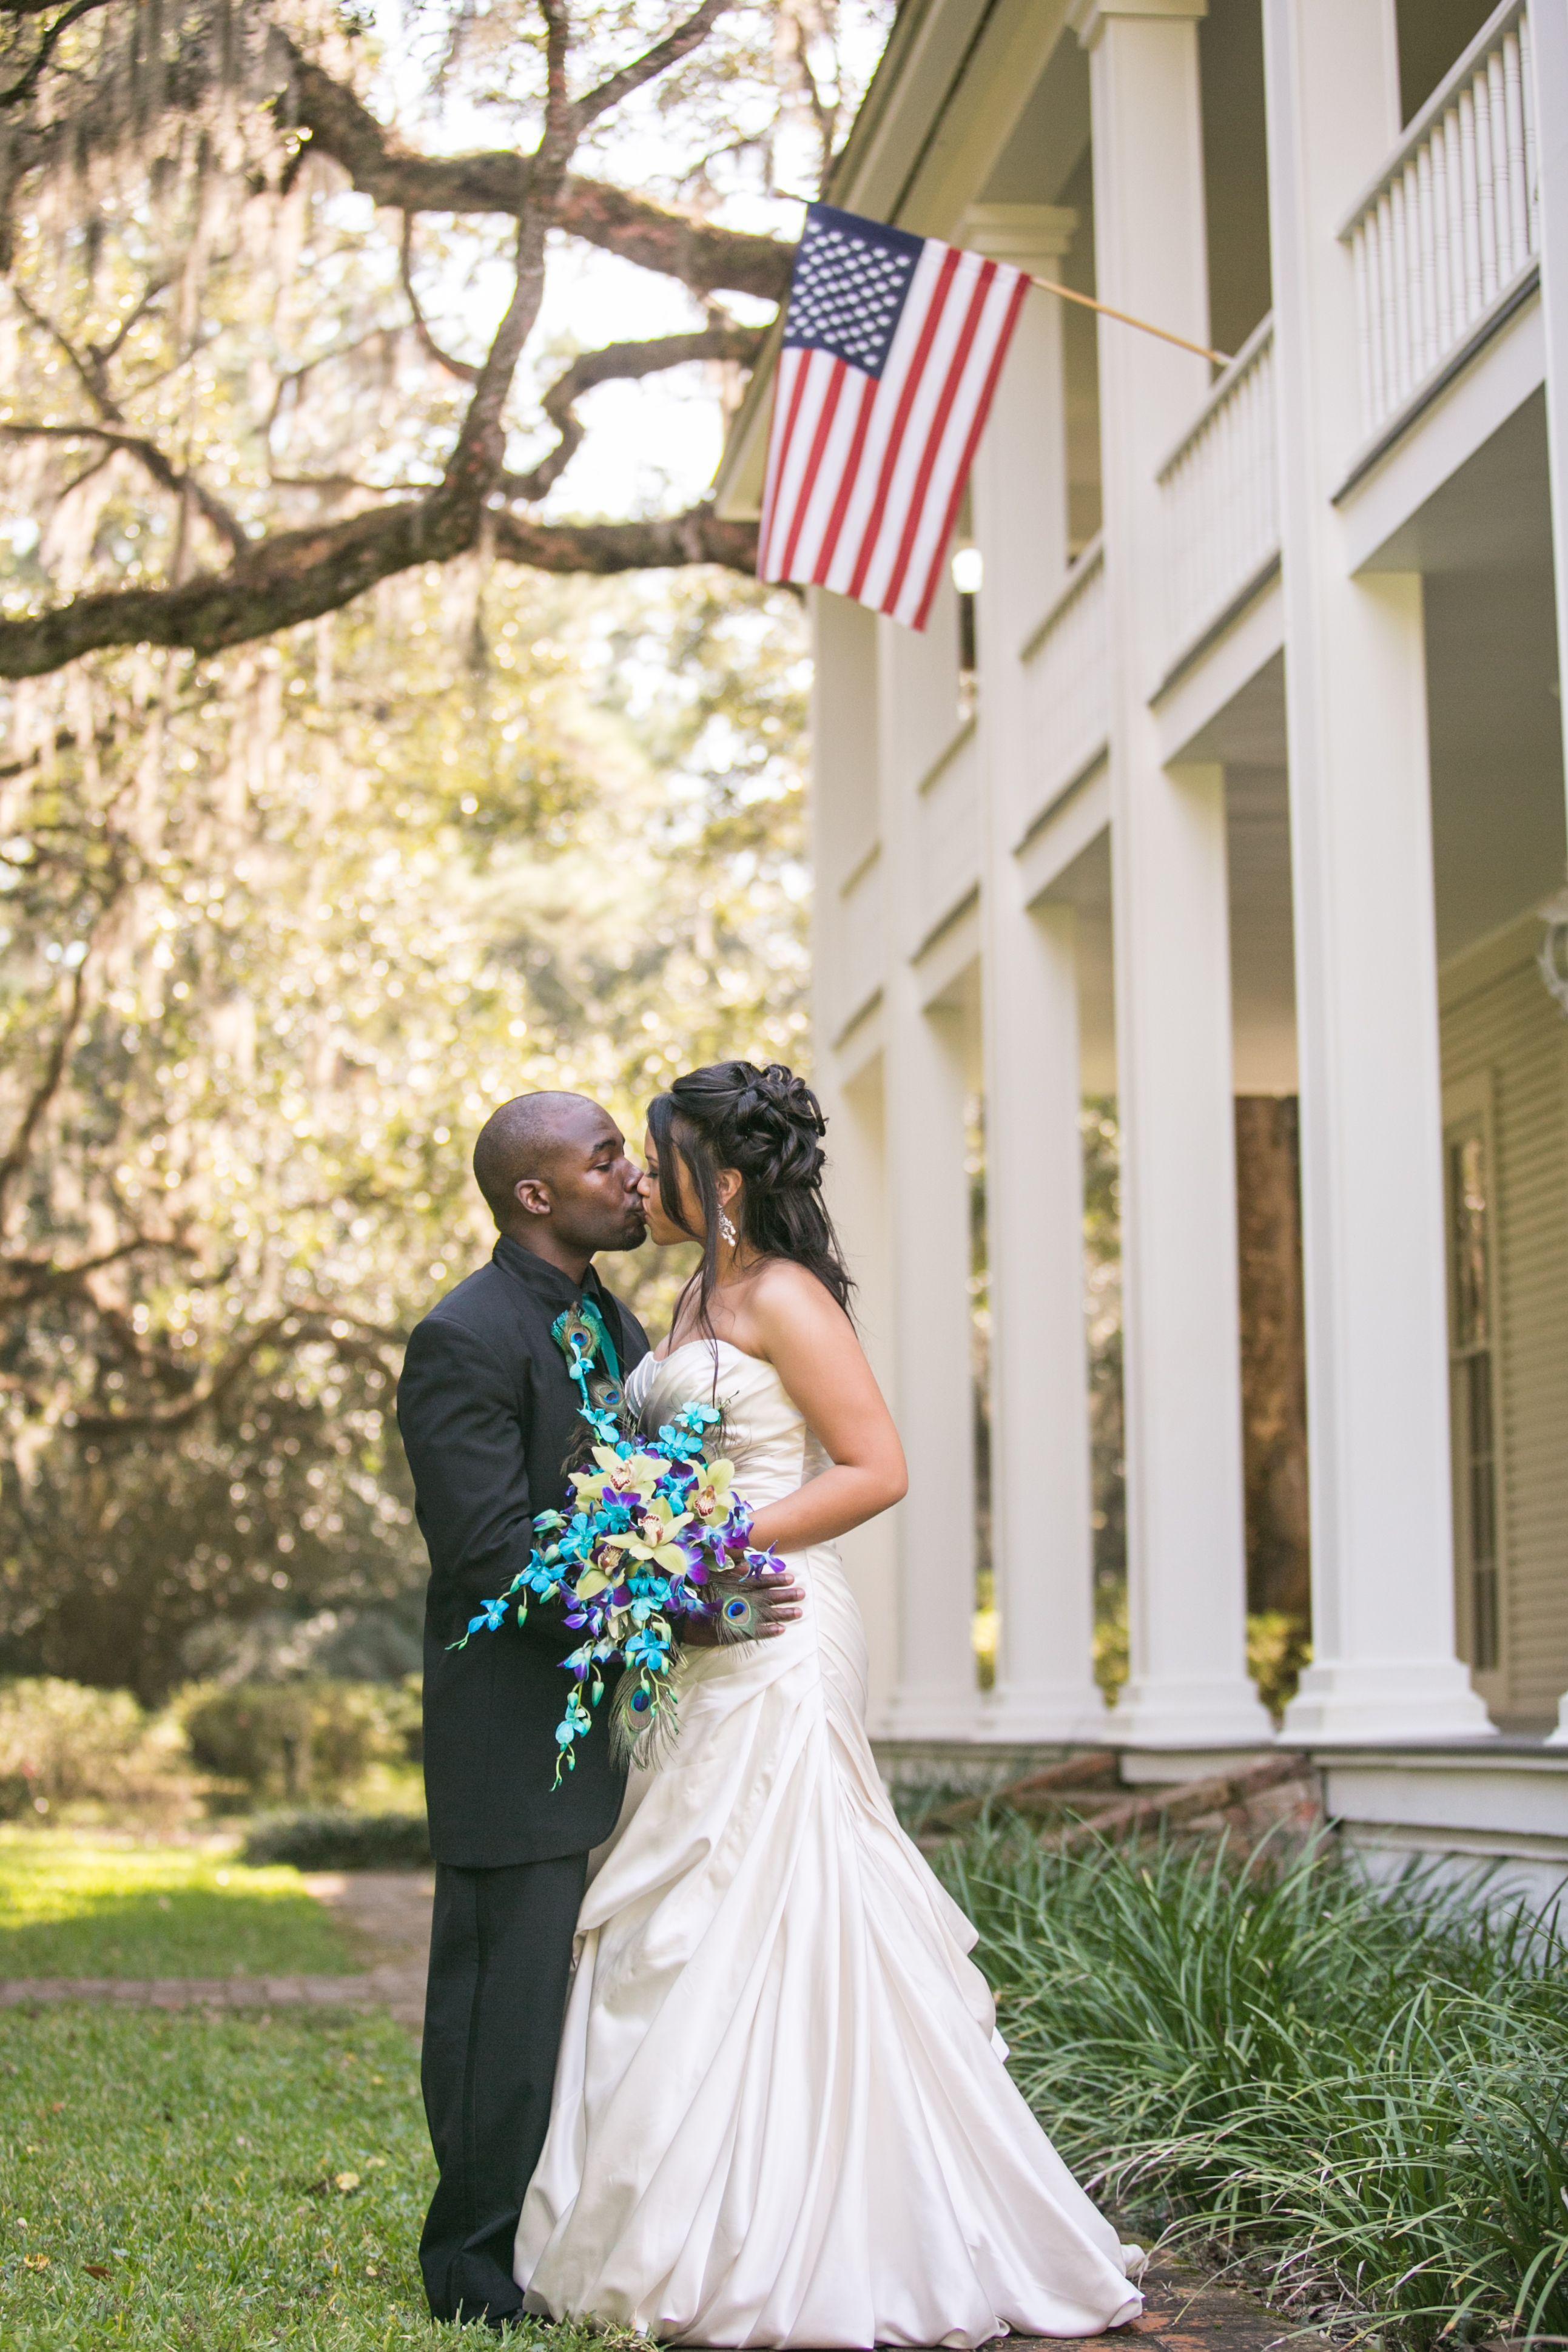 Eden Gardens State Park Wedding Wedding, Park weddings